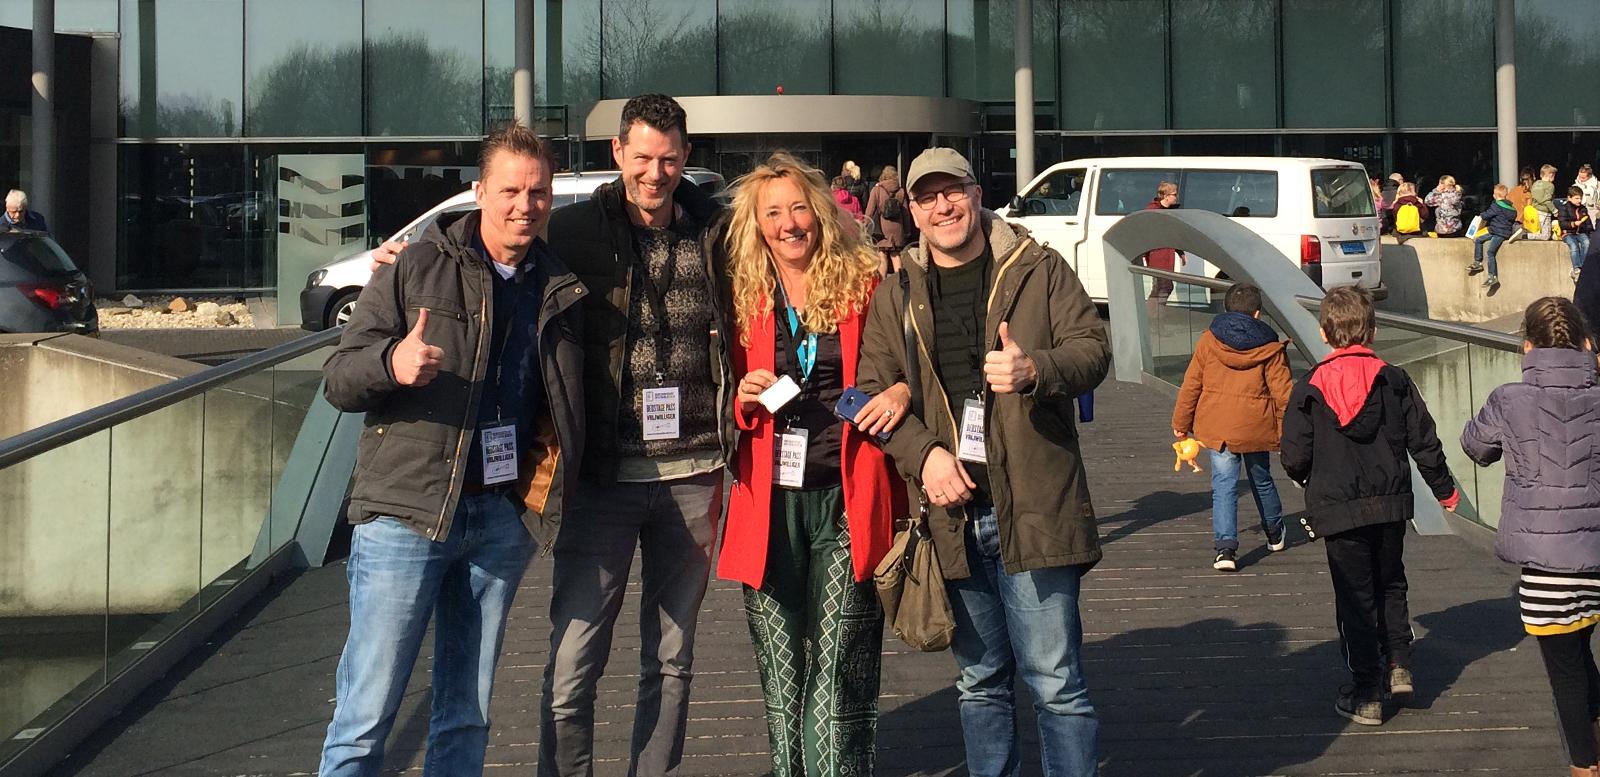 Robert Willemsen, Roel van der Veen, Carla Bellers en Peter Kortleve voor de ingang van het MCL